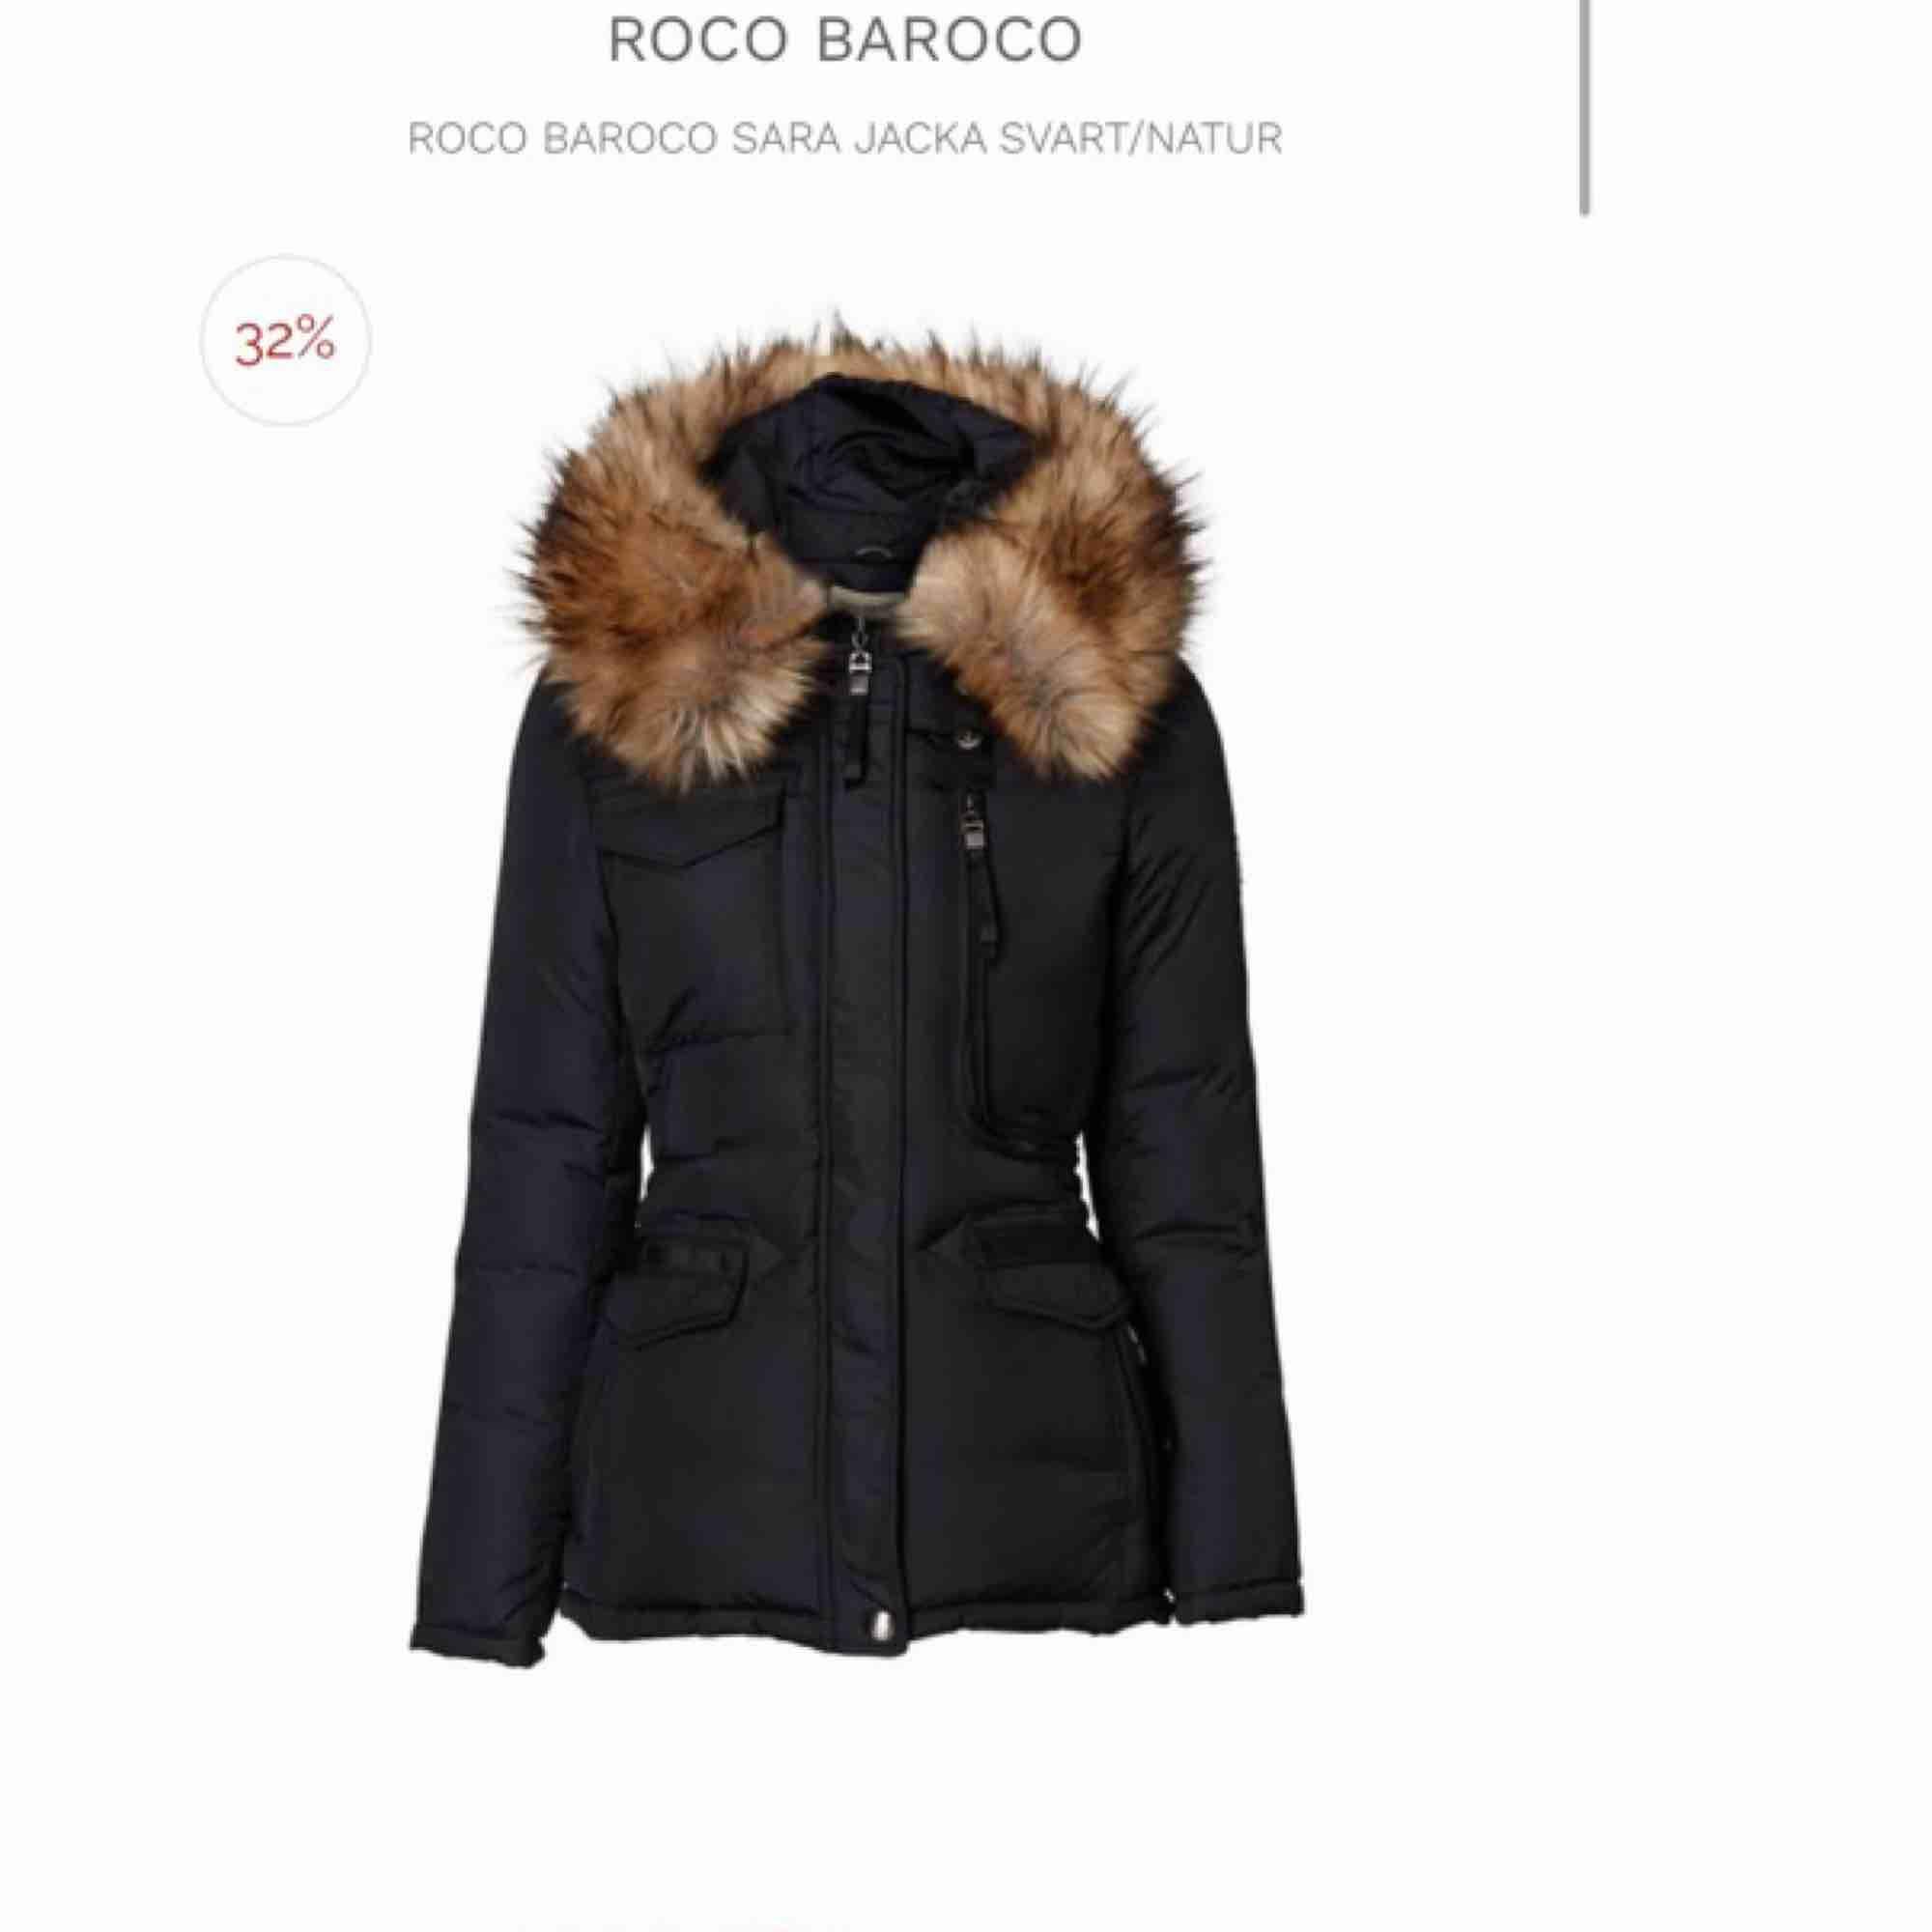 En roco baroco i fejk päls, aldrig använd . Accessoarer.